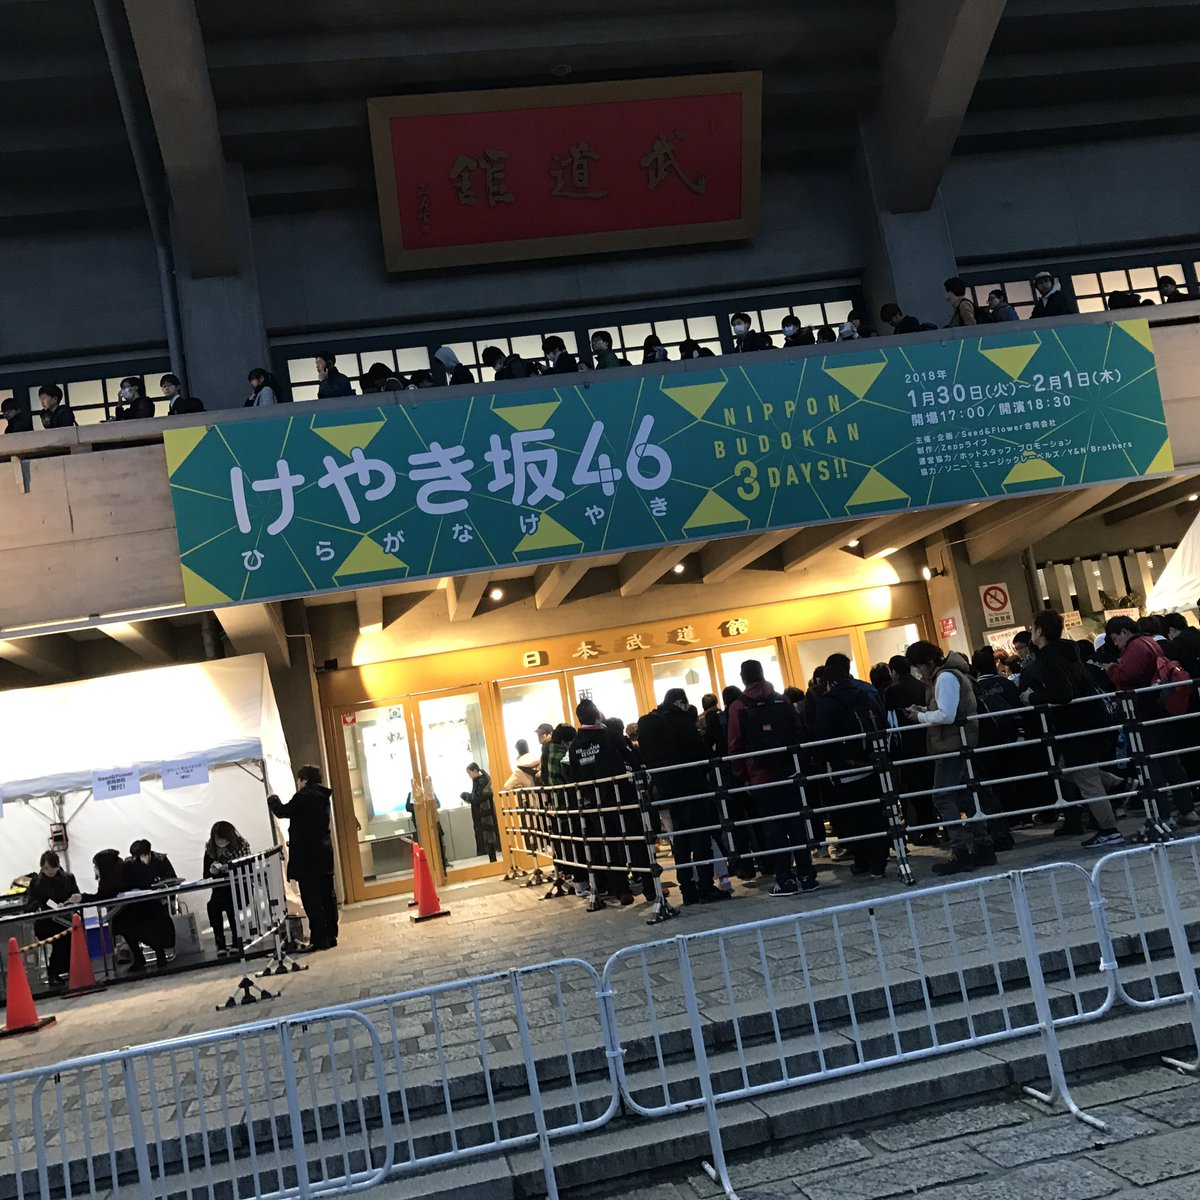 ひらがなけやき日本武道館3days